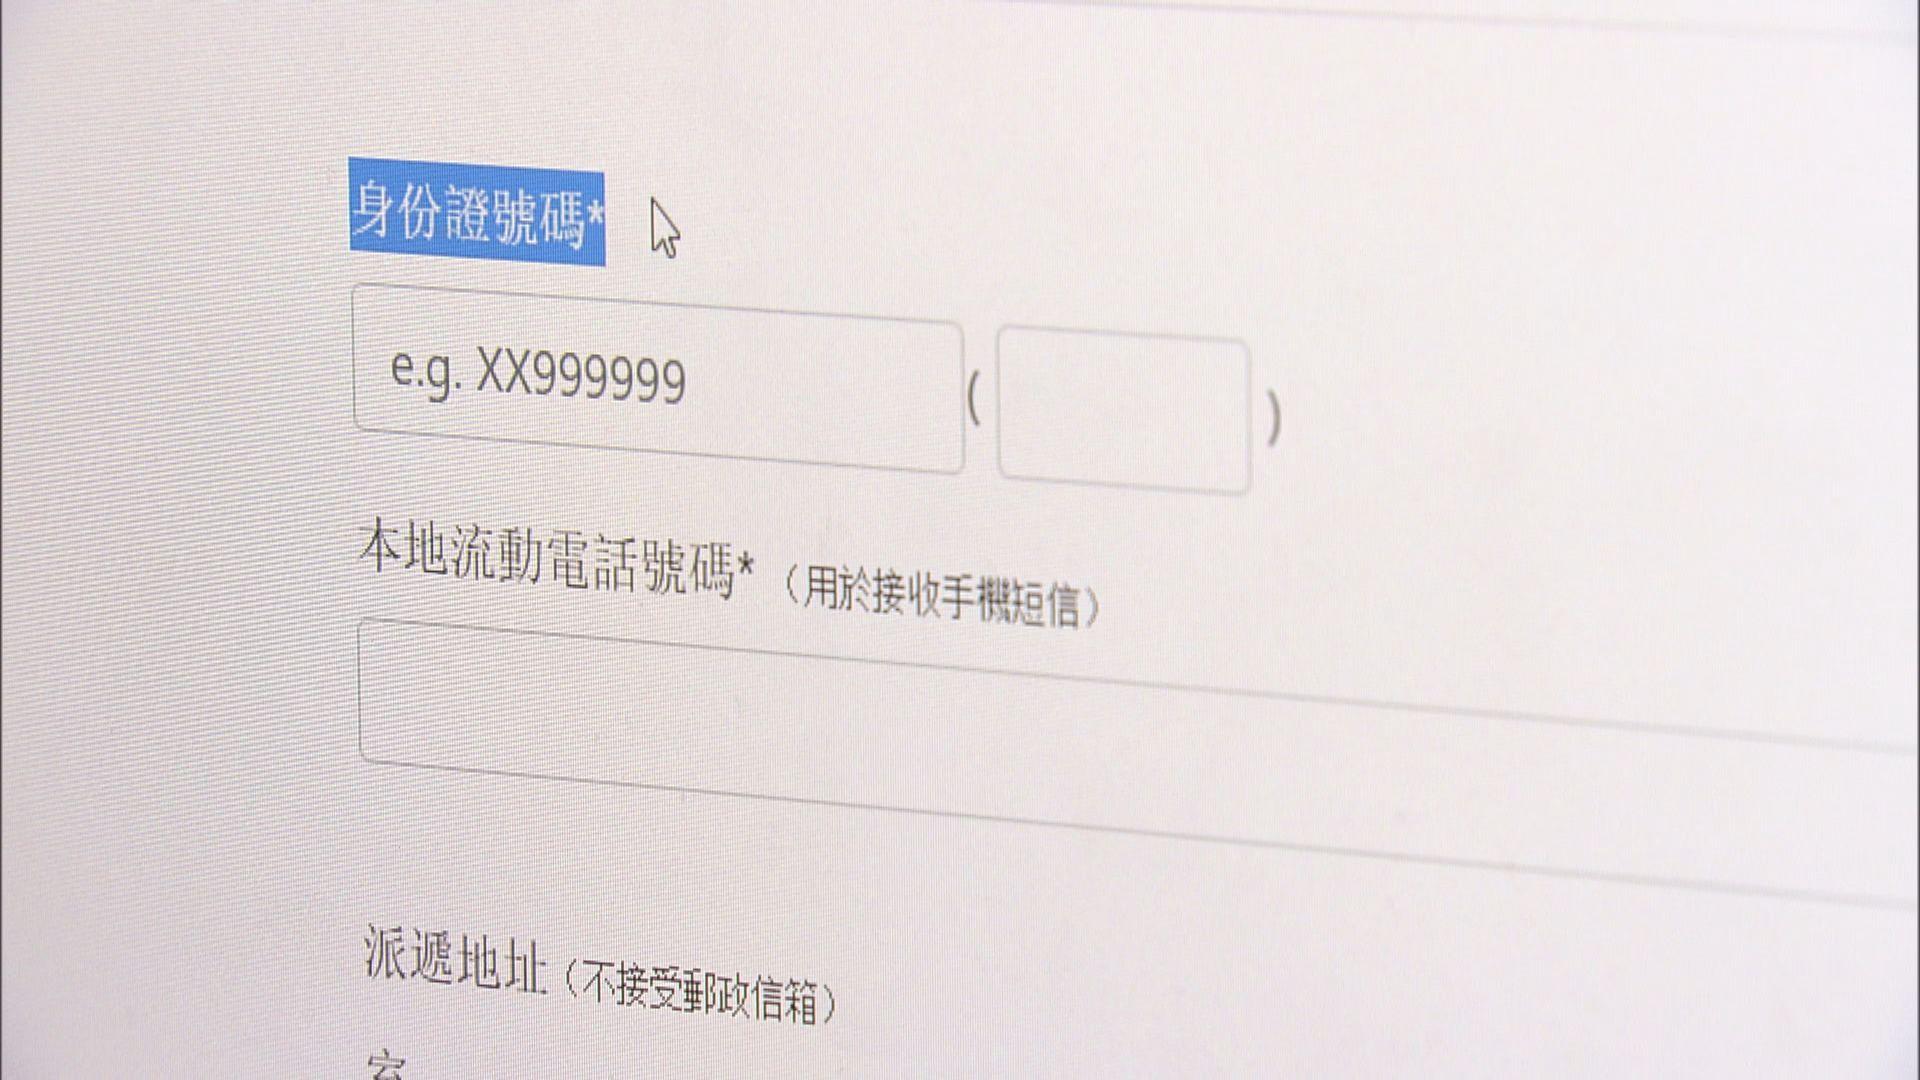 創科局:重用口罩登記資料用於核對身分及上門派遞安排